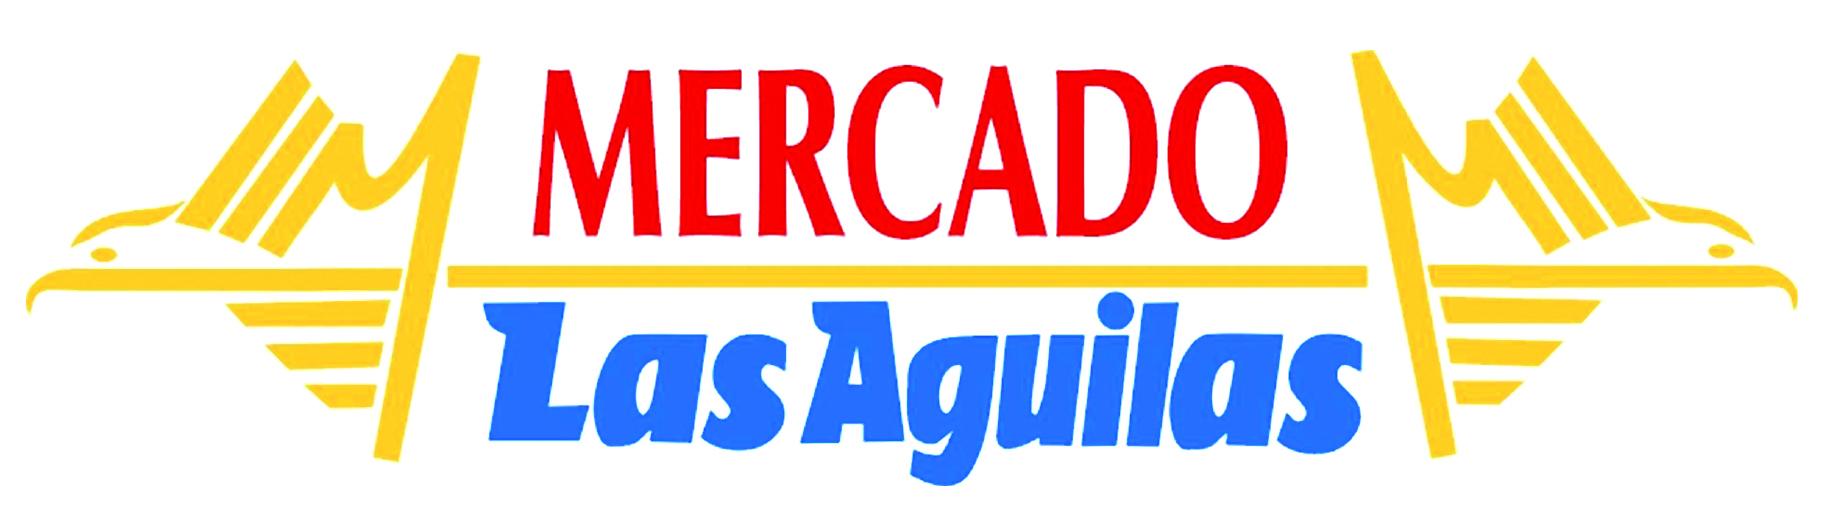 mercado_aguilas